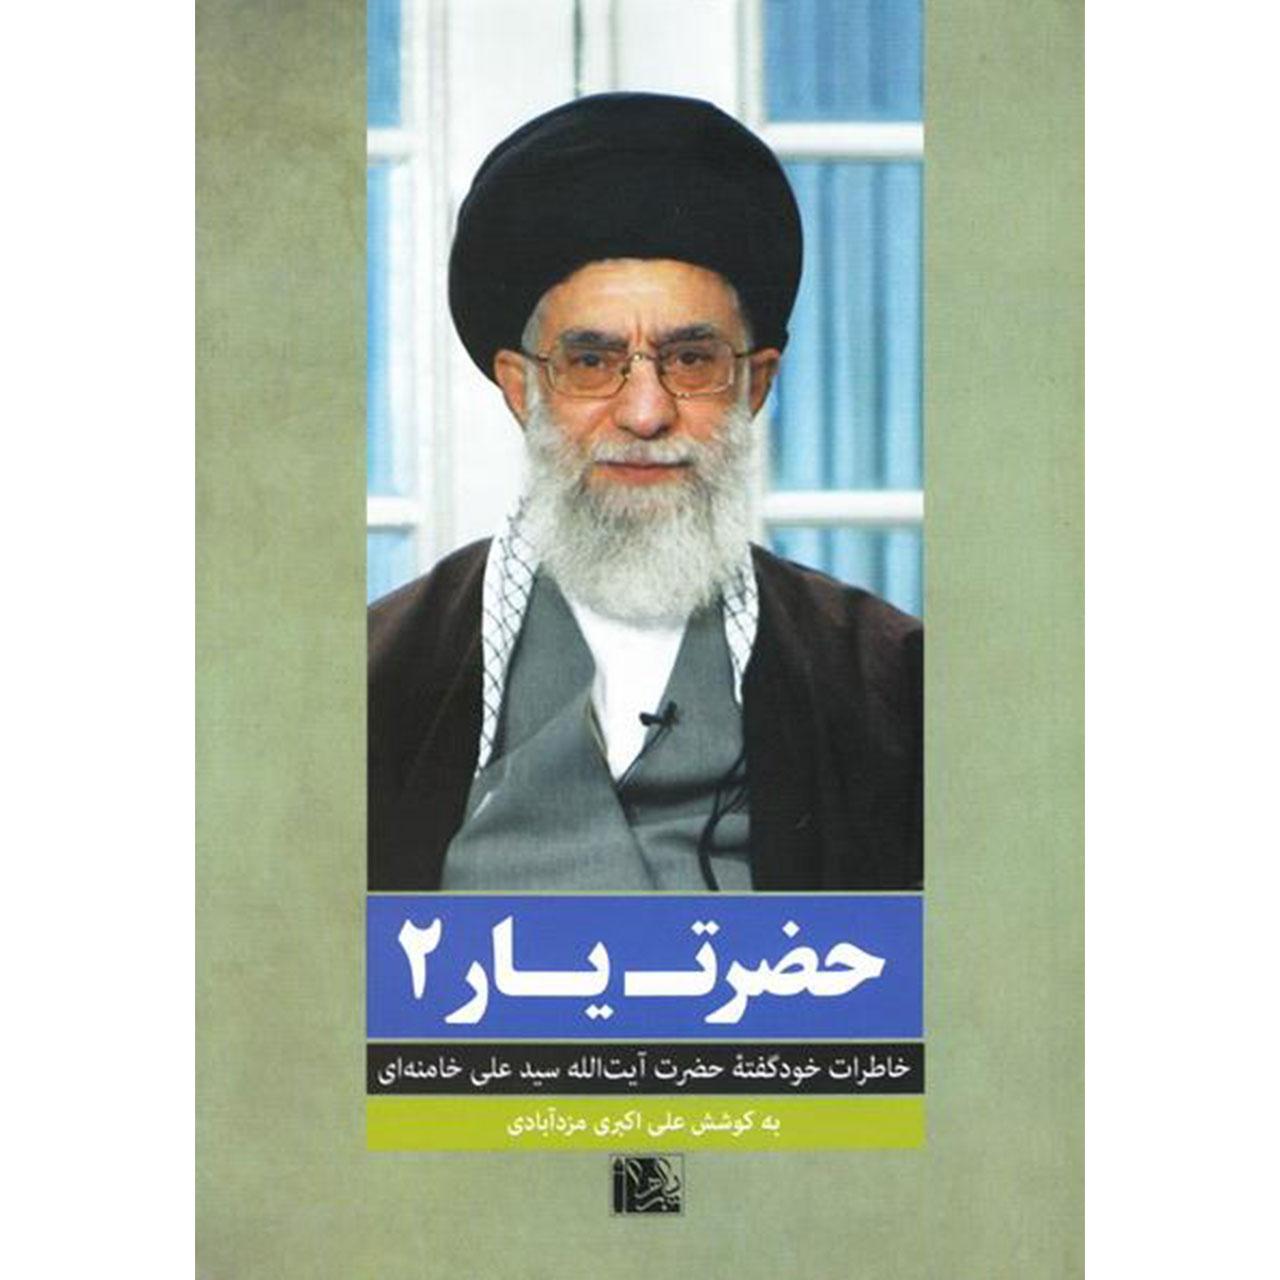 خرید                      کتاب حضرت یار 2 اثر علی اکبری مزدآبادی انتشارات یازهرا